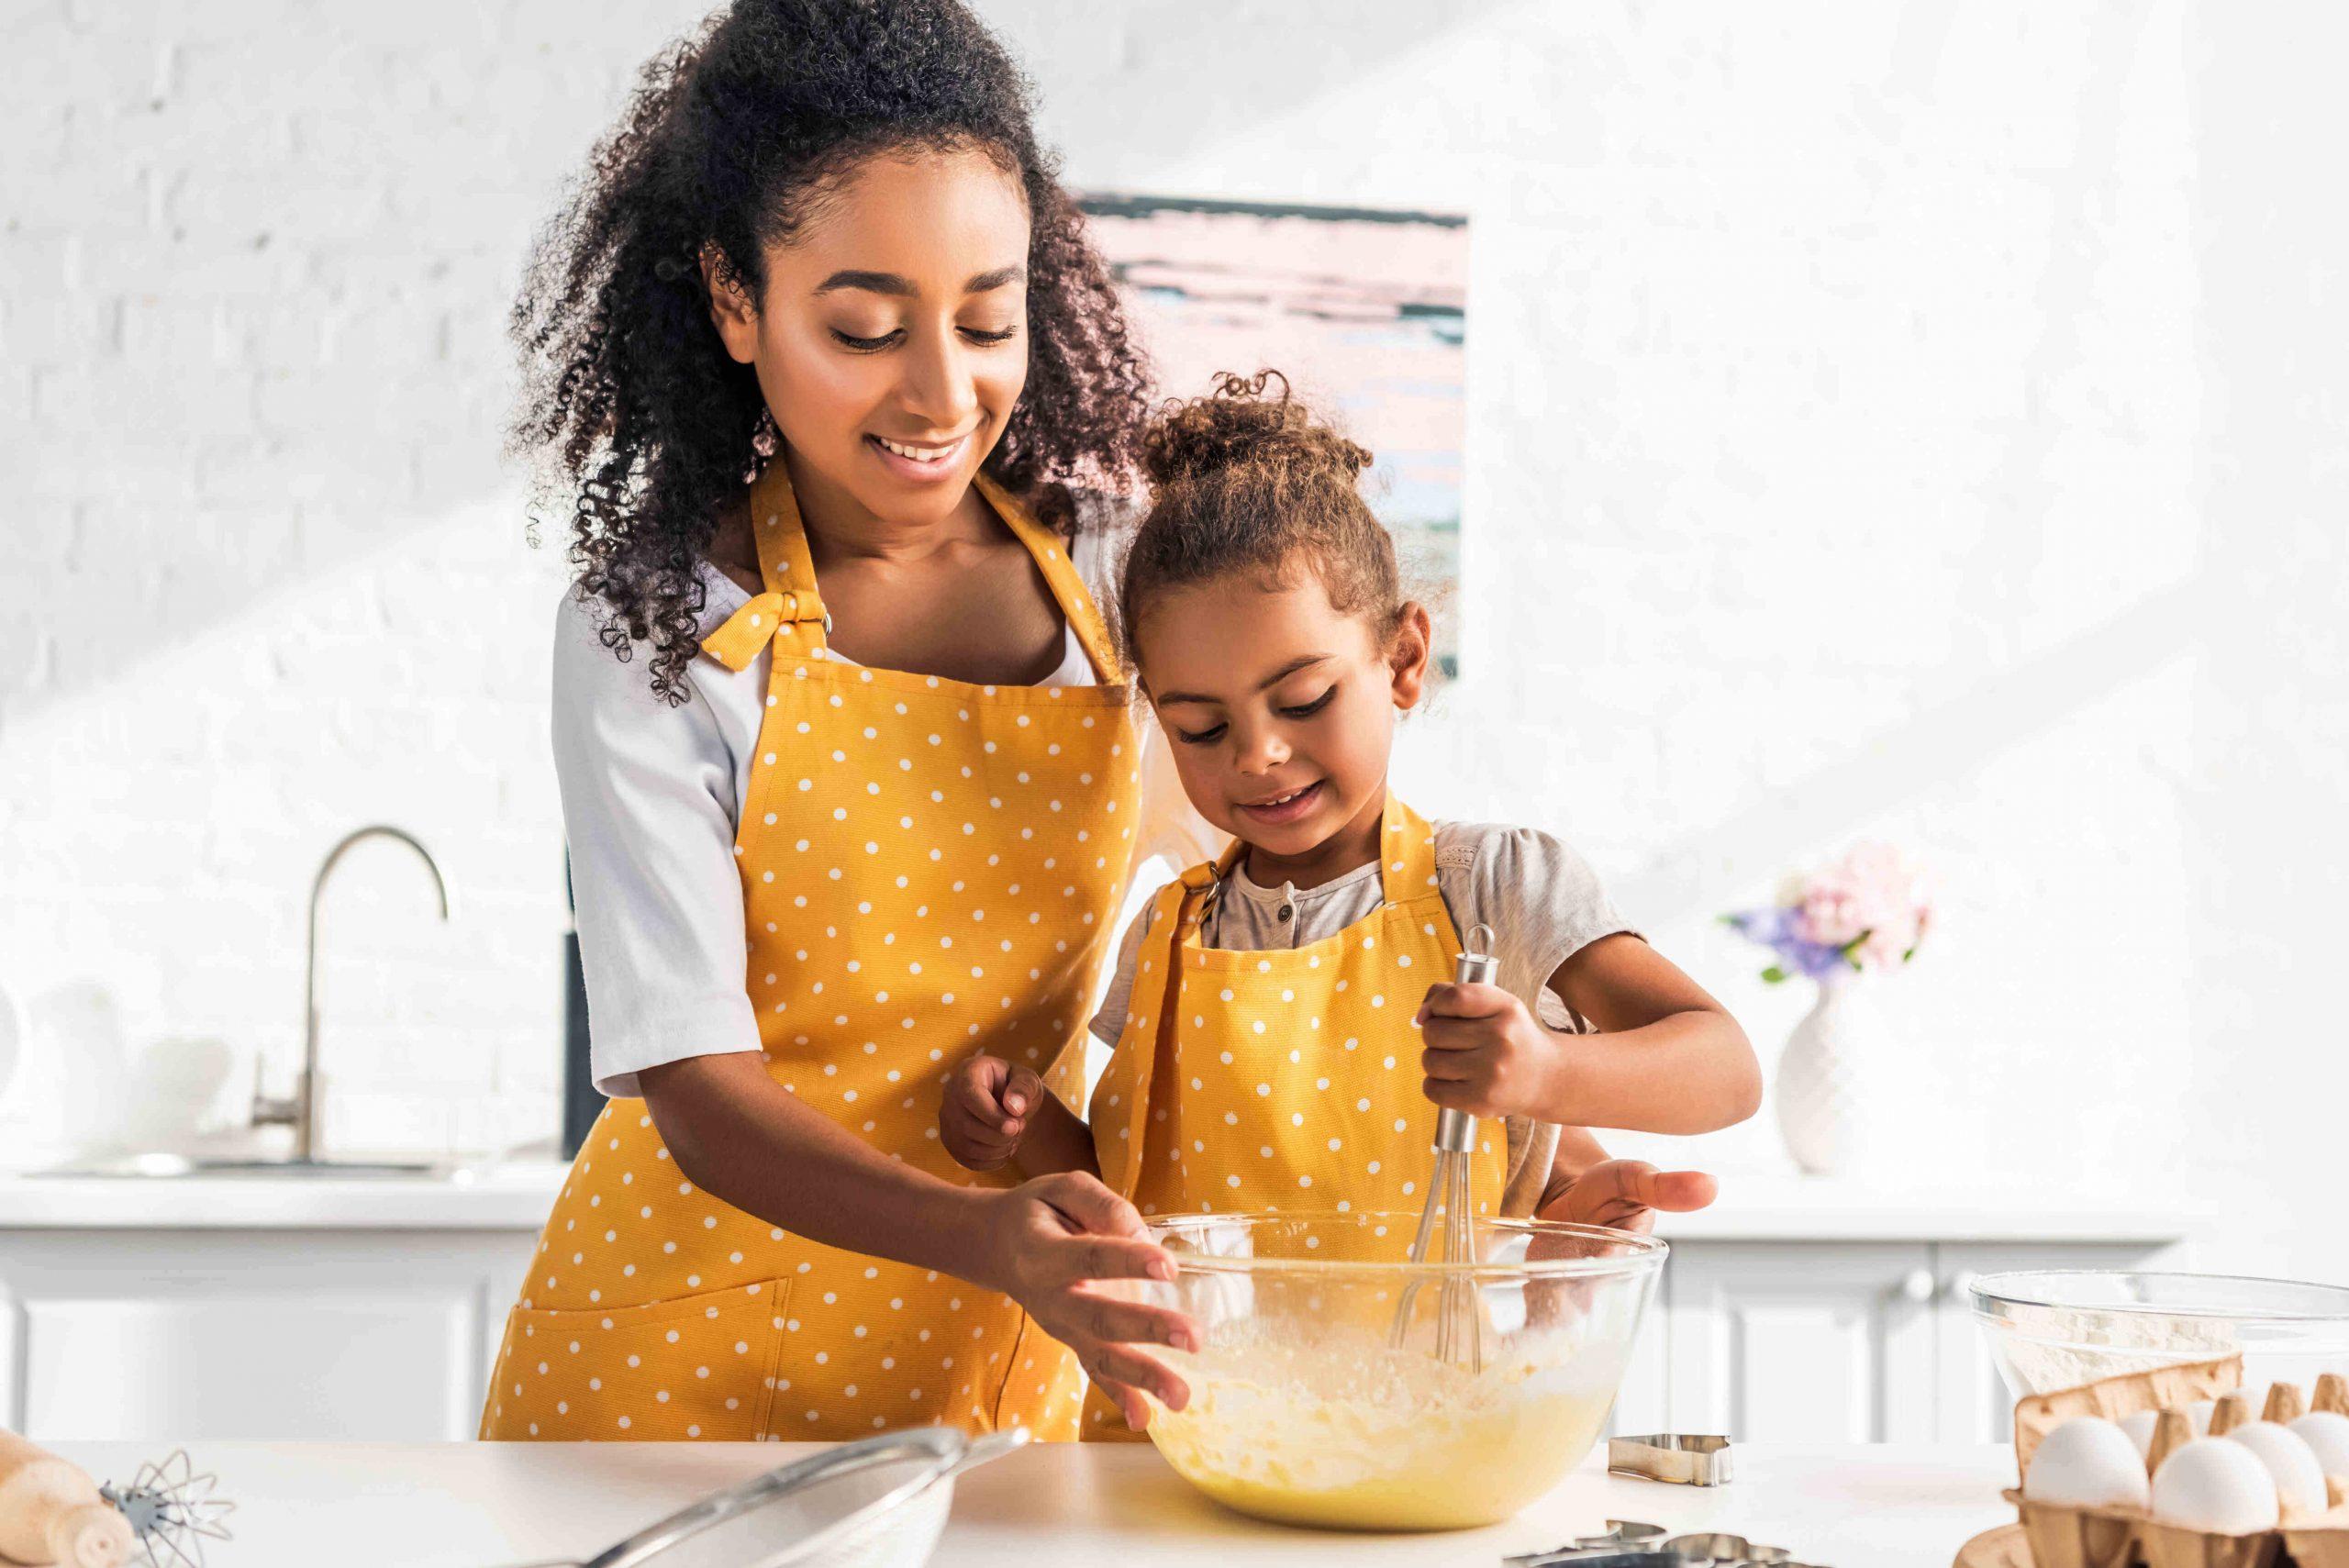 Moeder met kind hebben plezier tijdens bakken